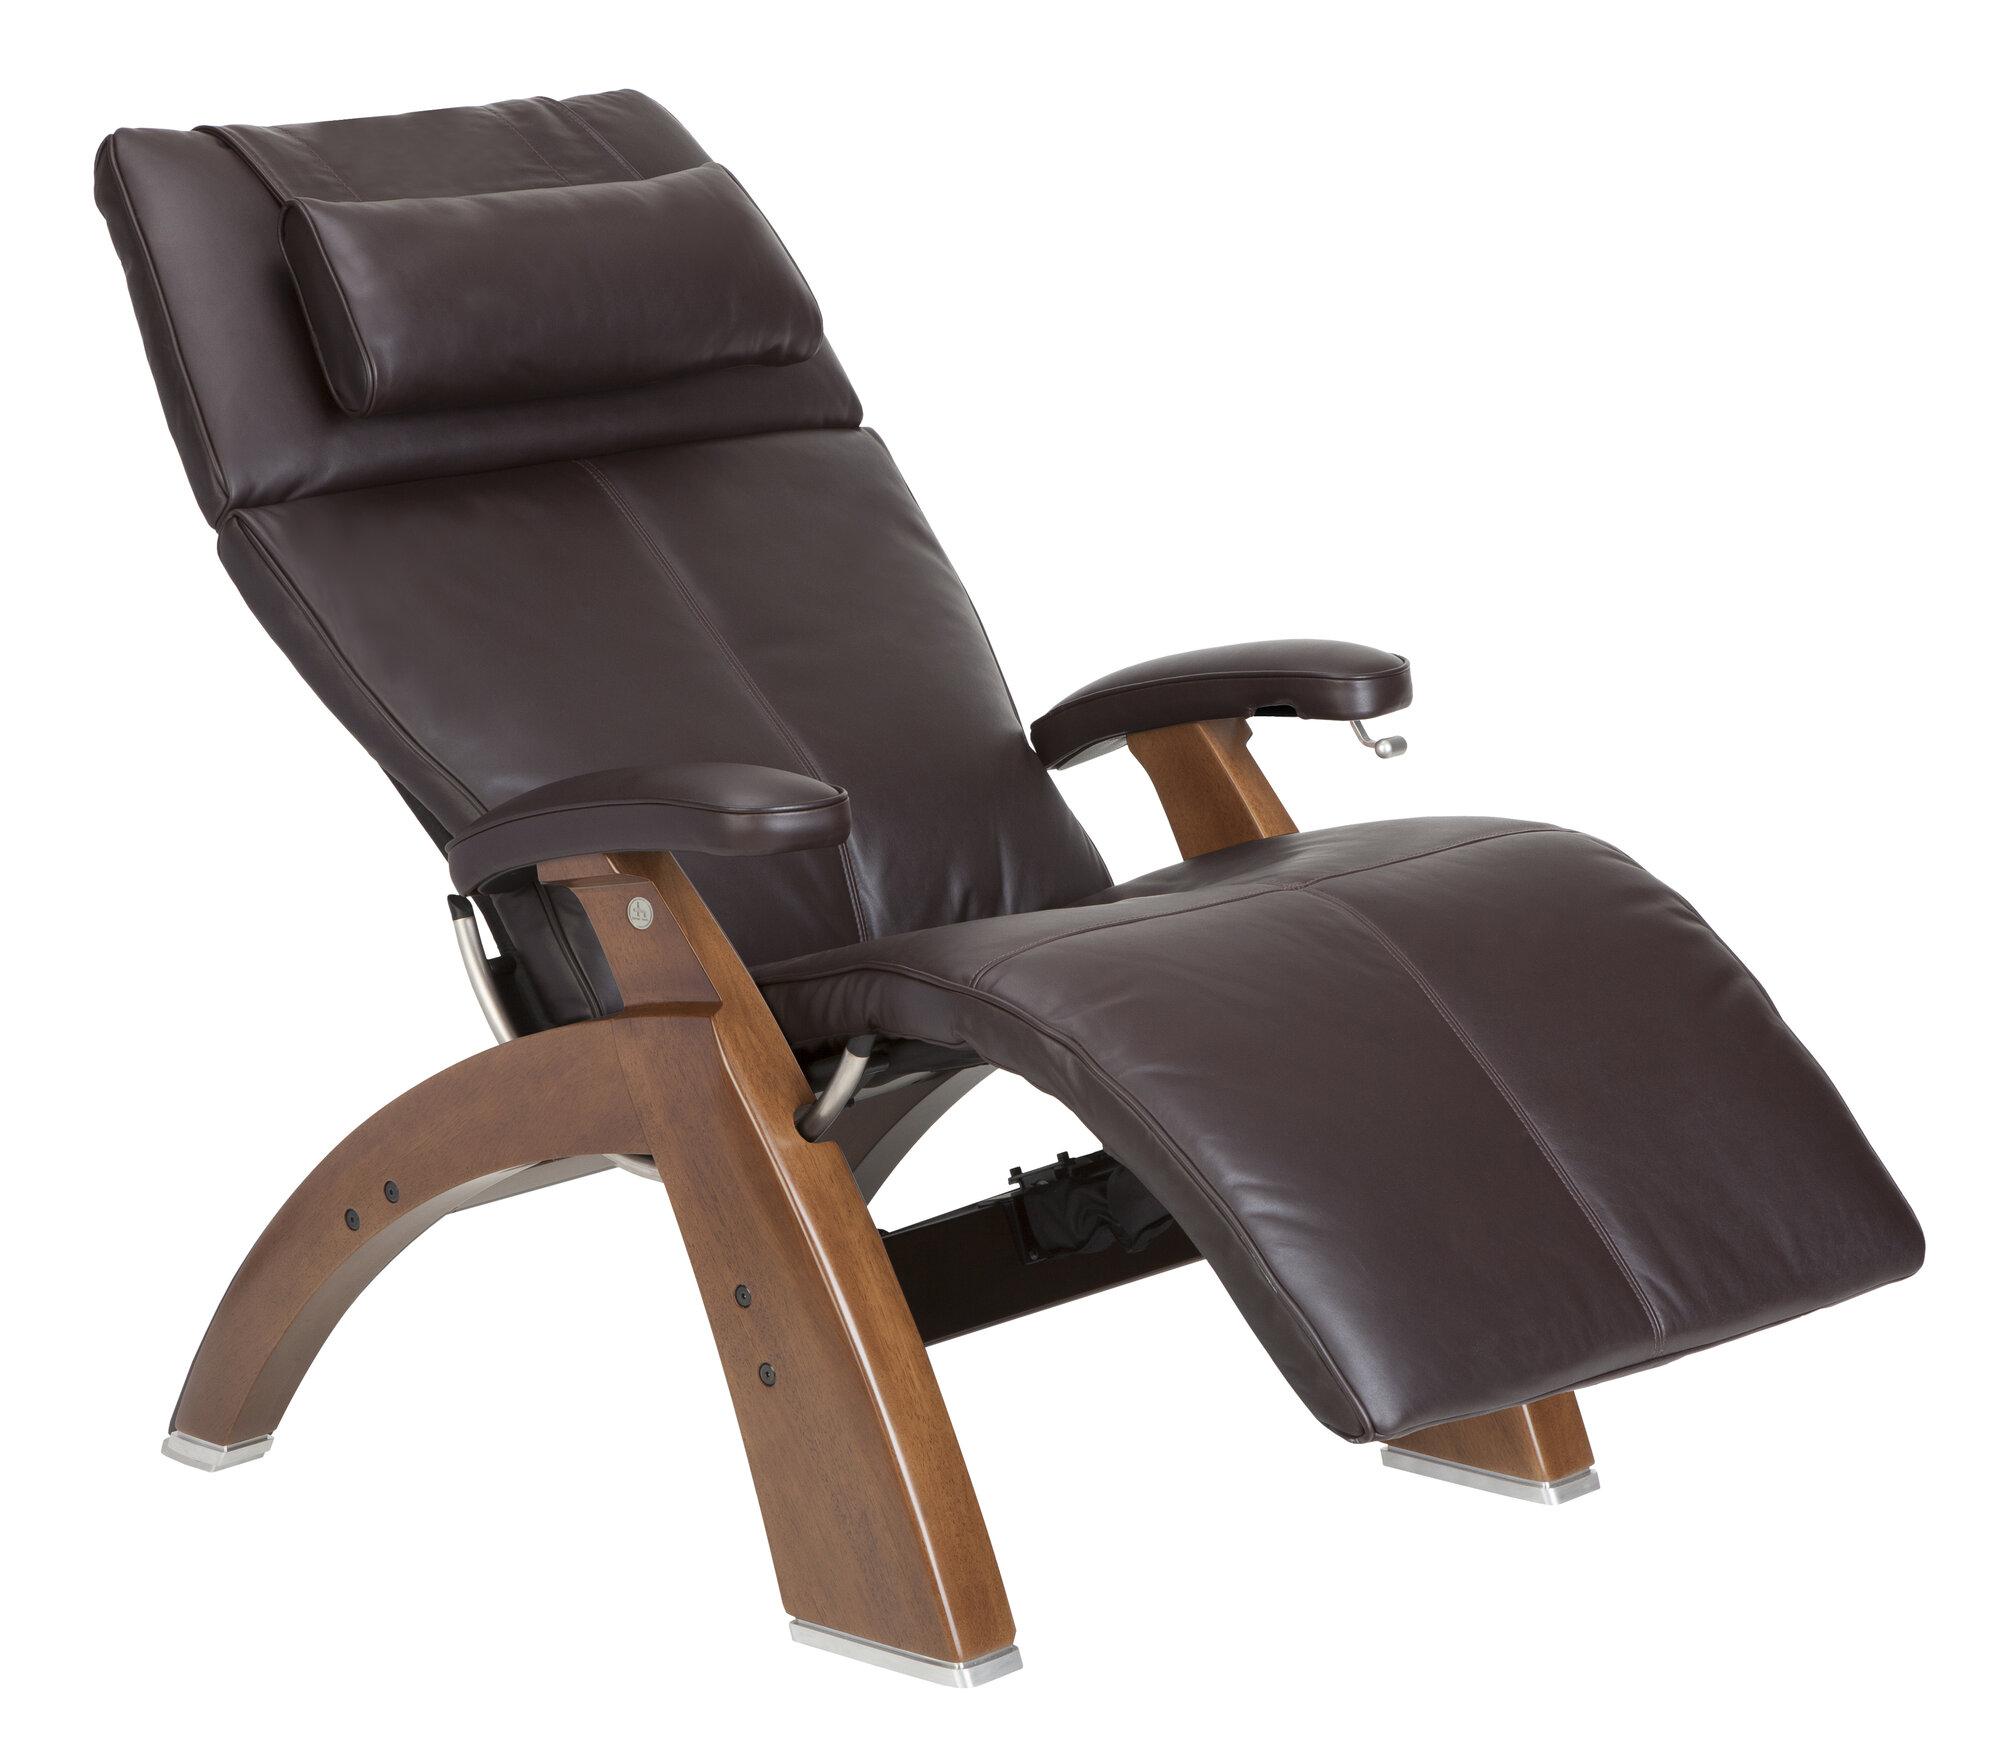 Zero Gravity Chair Deals On 1001 Blocks